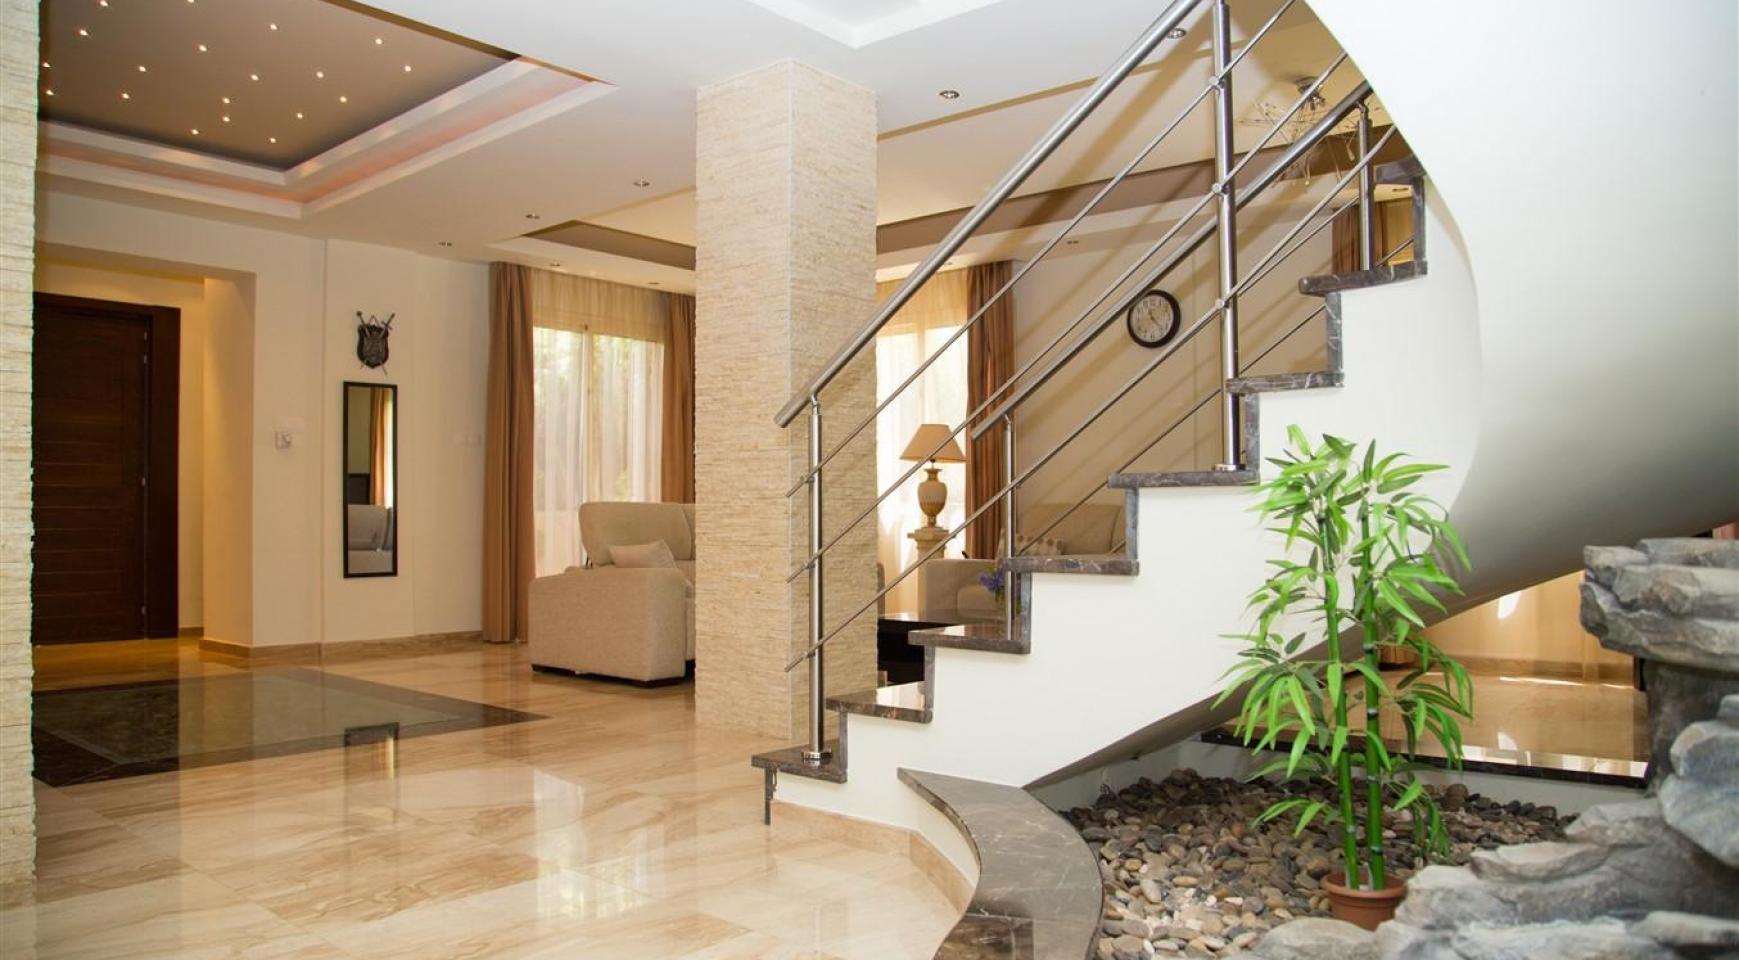 Luxurious 4 Bedroom Villa near the Sea - 2